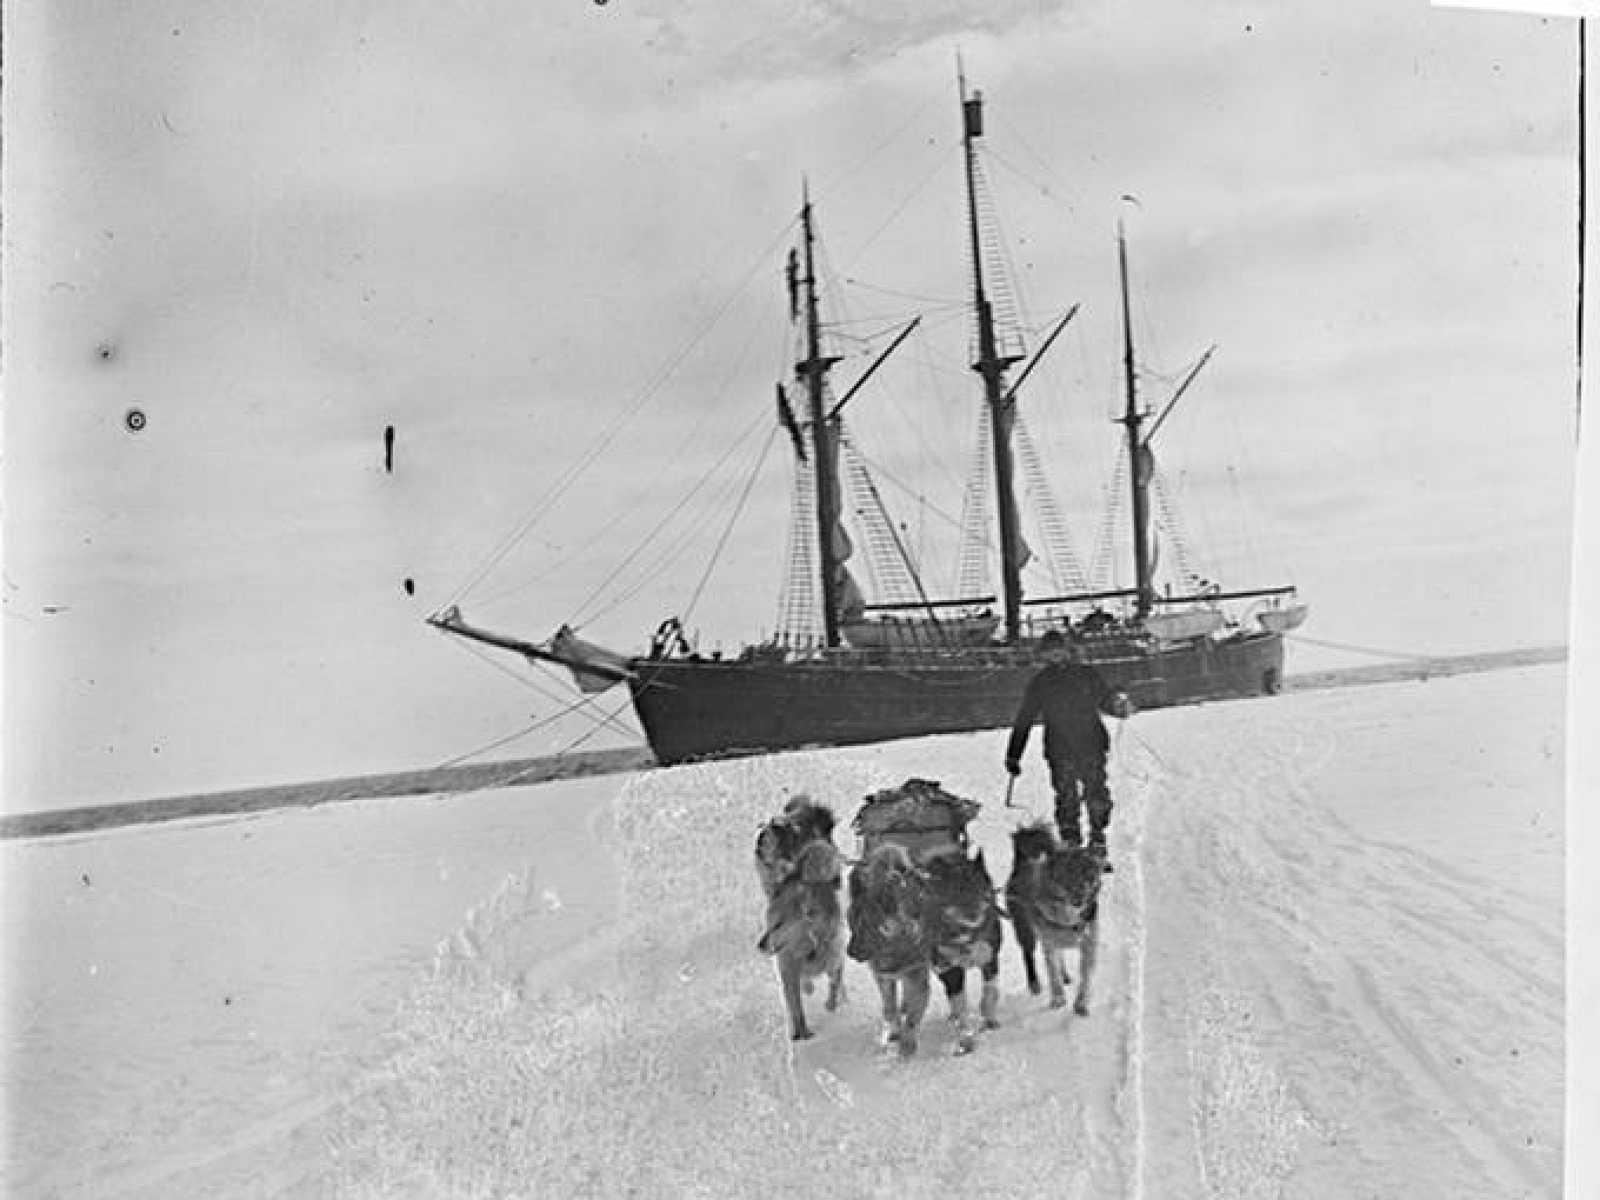 El buque 'Fram' fue uno de los barcos más famosos del mundo durante el siglo XIX